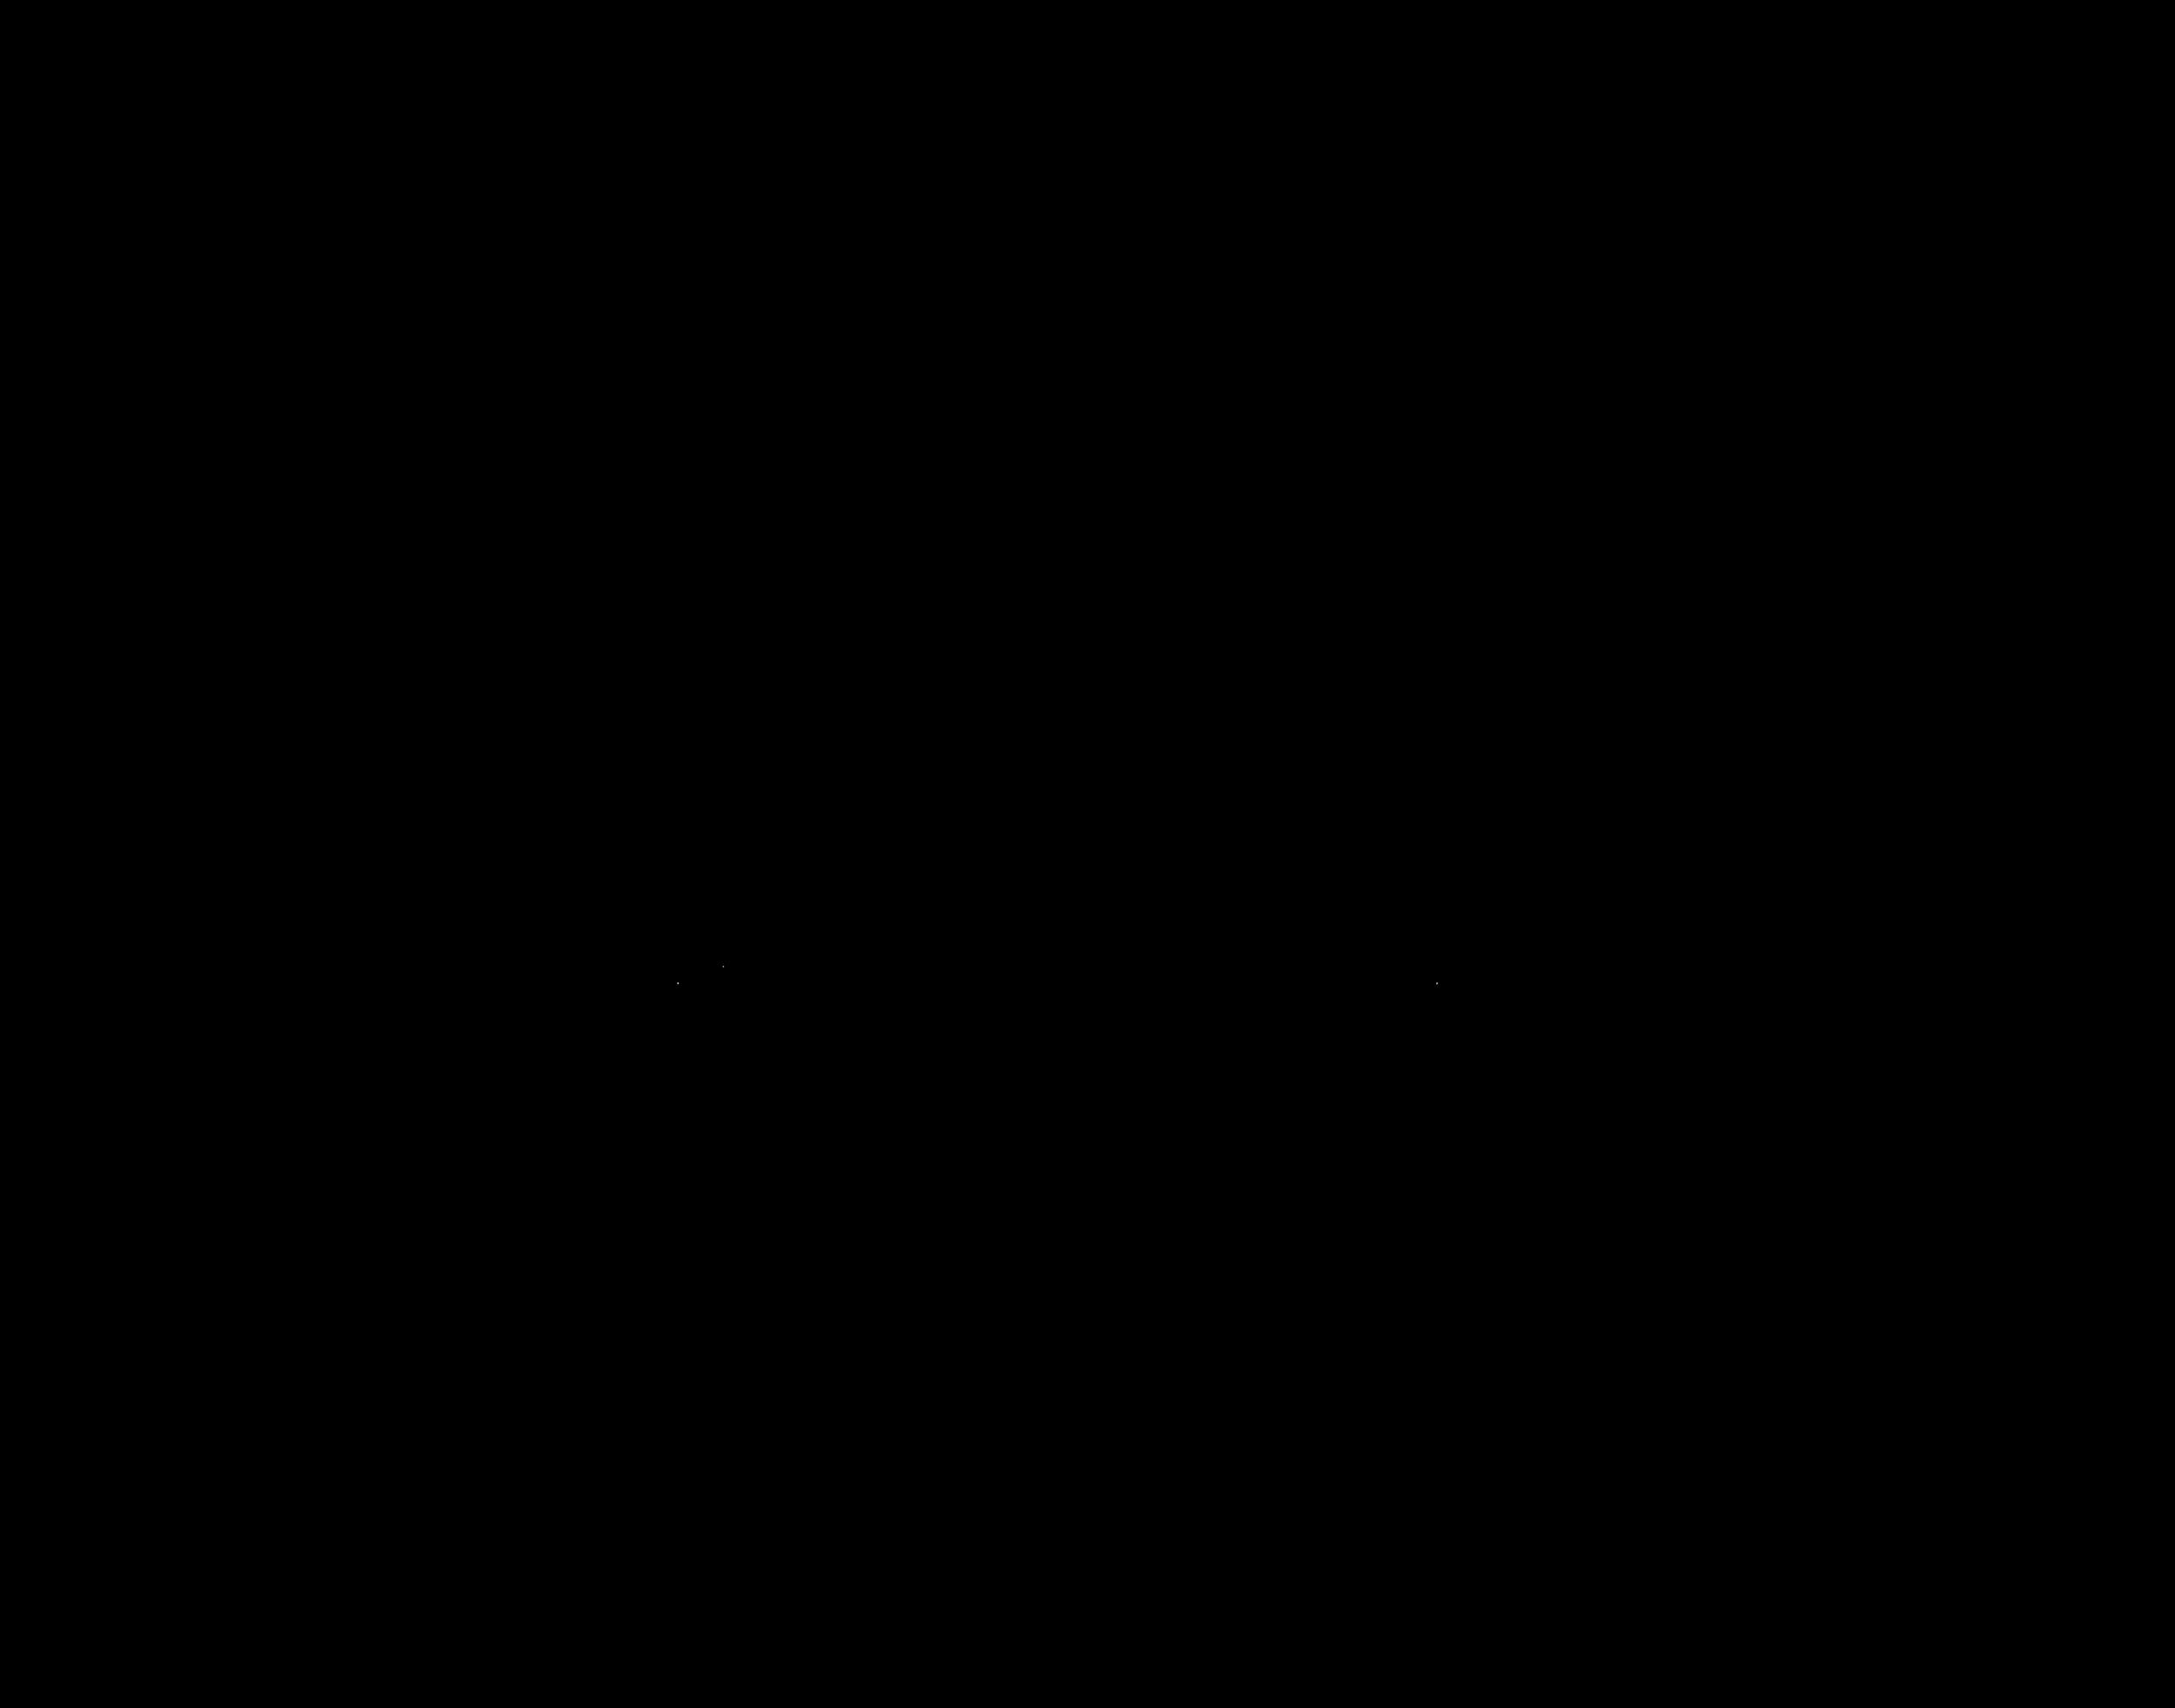 St. Julian Winery logo. Links to St. Julian Winery website.